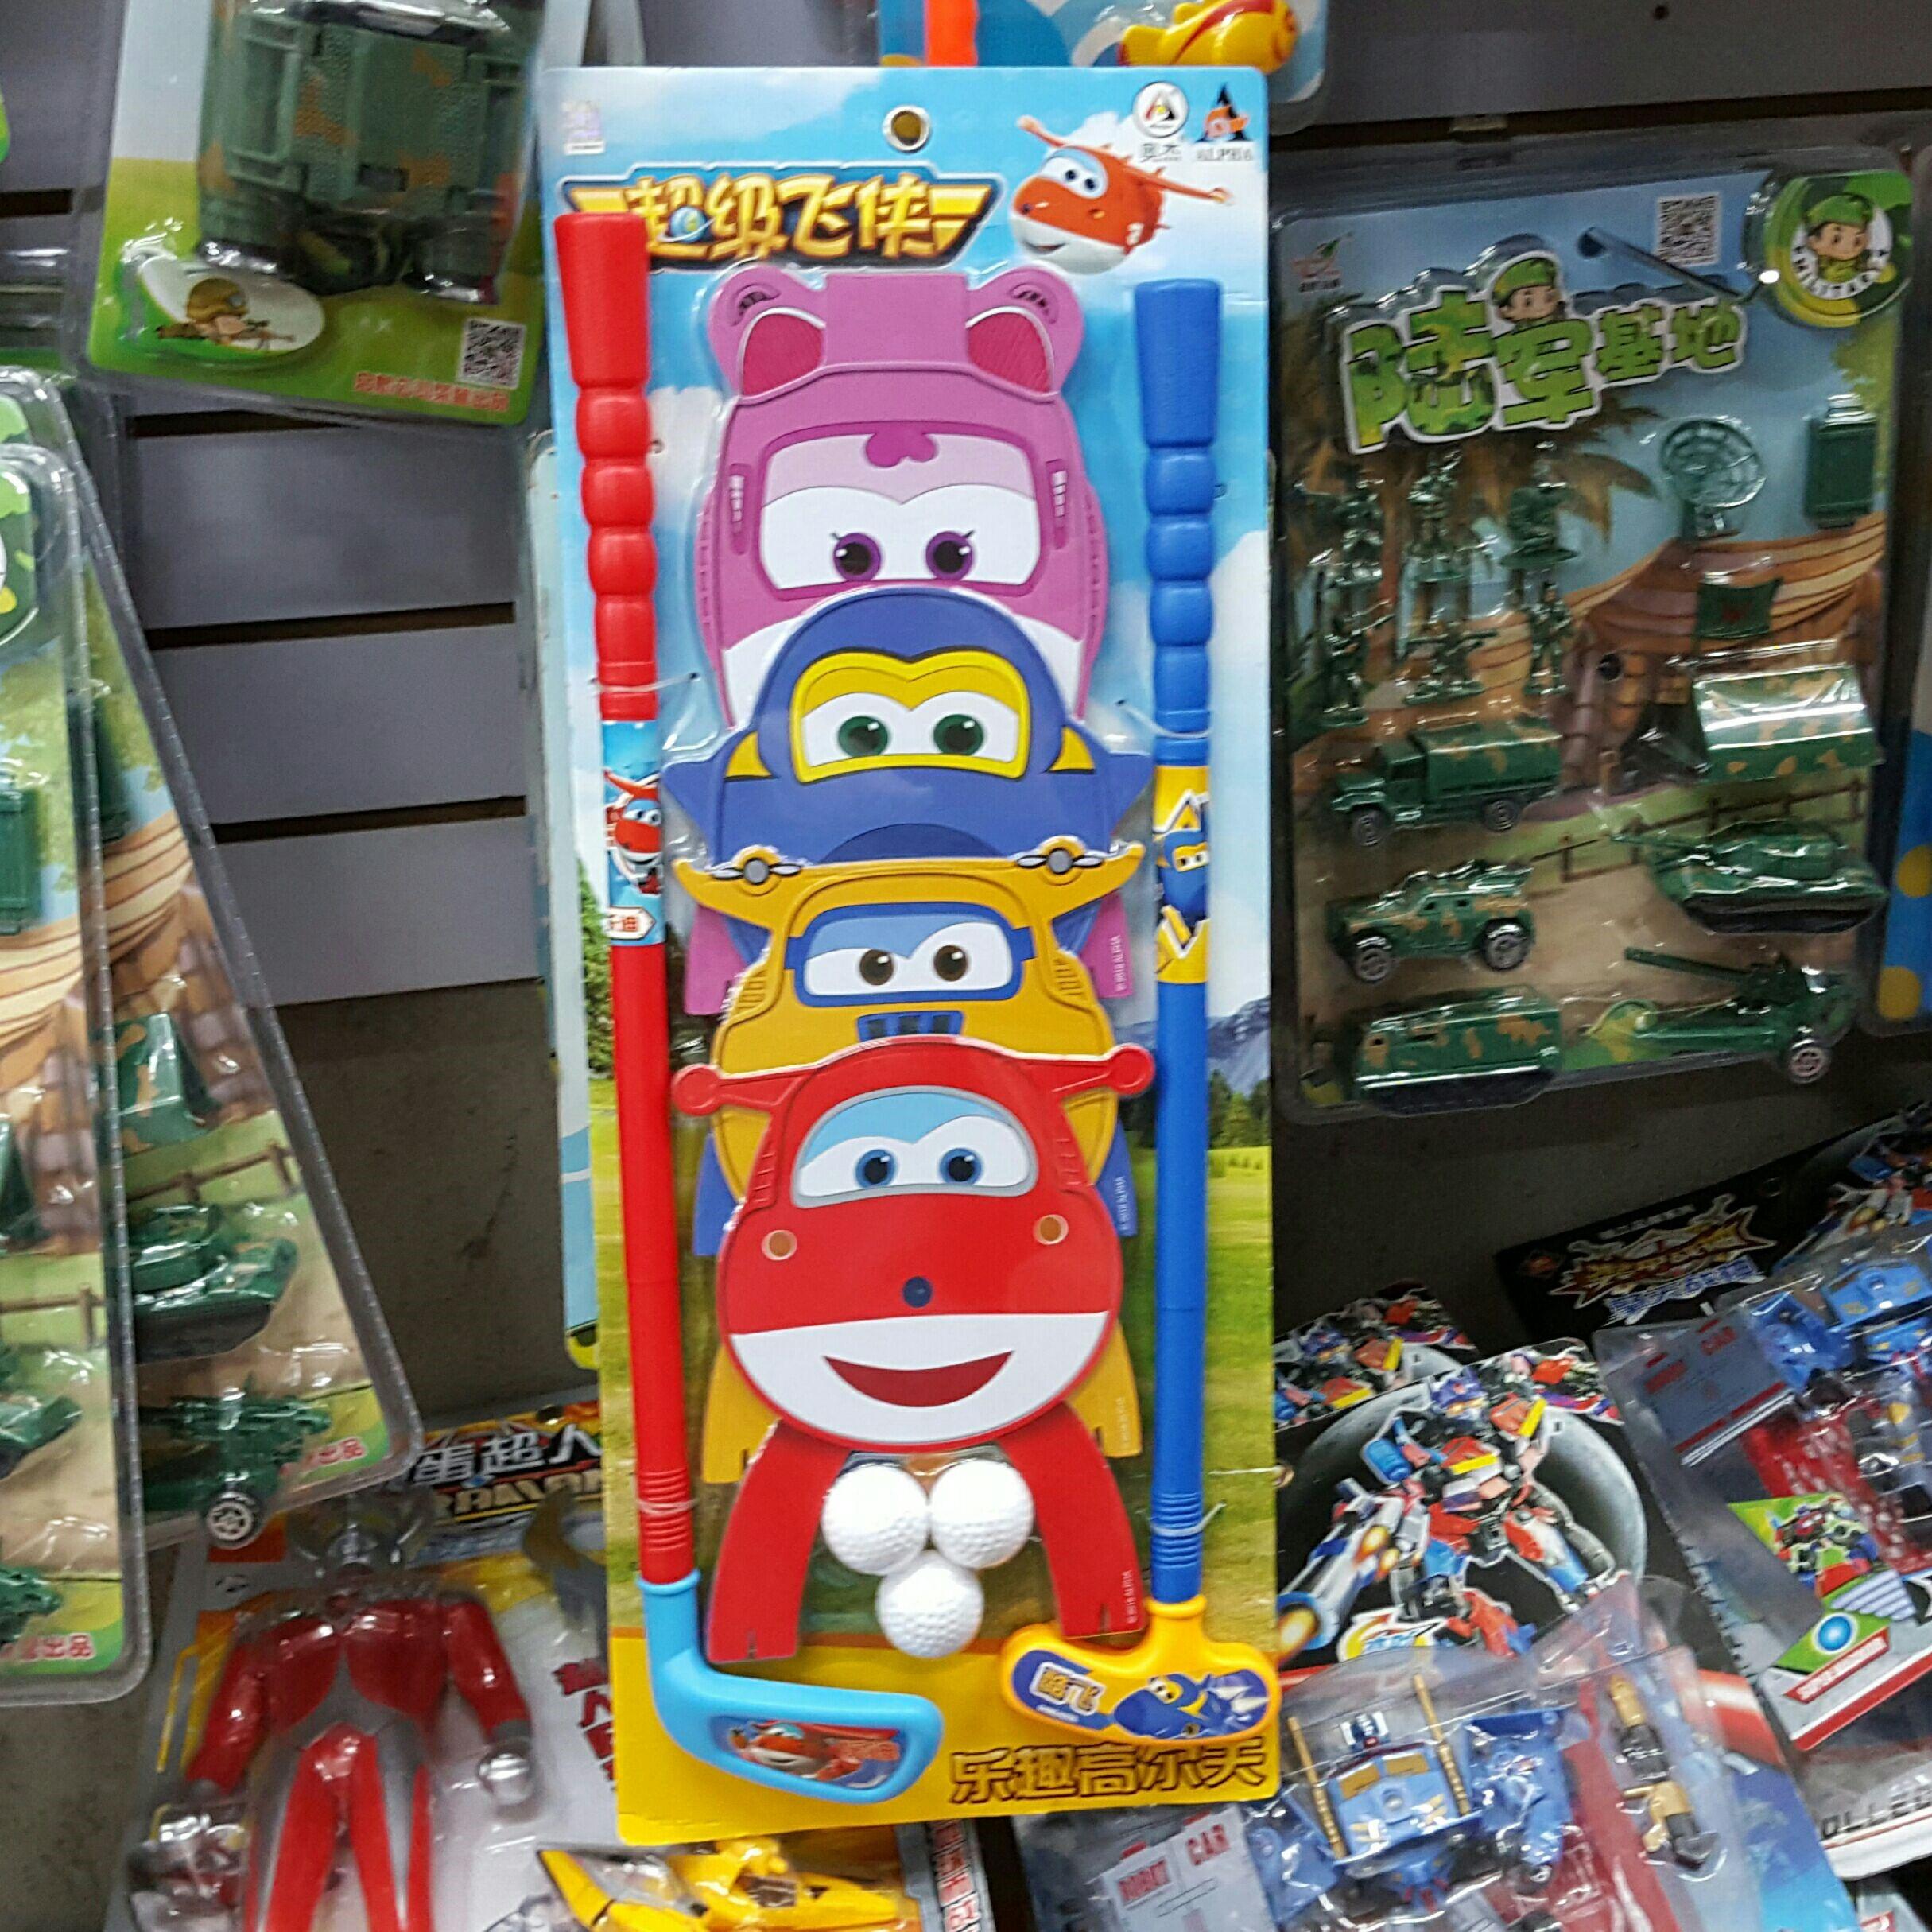 奥杰超级飞侠乐趣高尔夫球儿童球类运动玩具体育用品